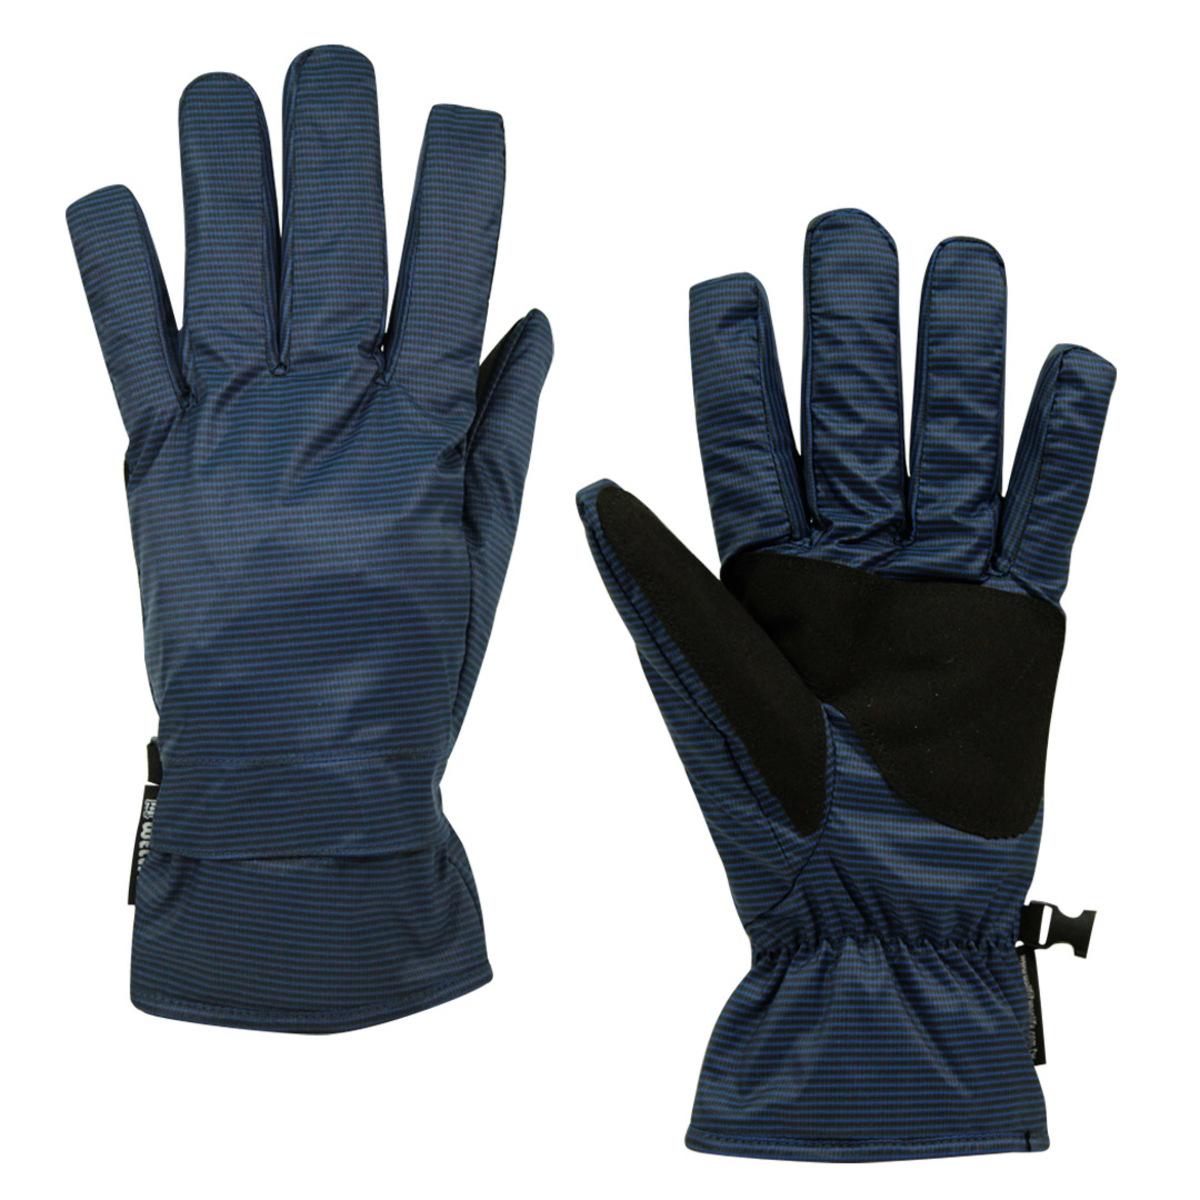 Well Fit 輕量防水保暖手套-藍黑直條紋